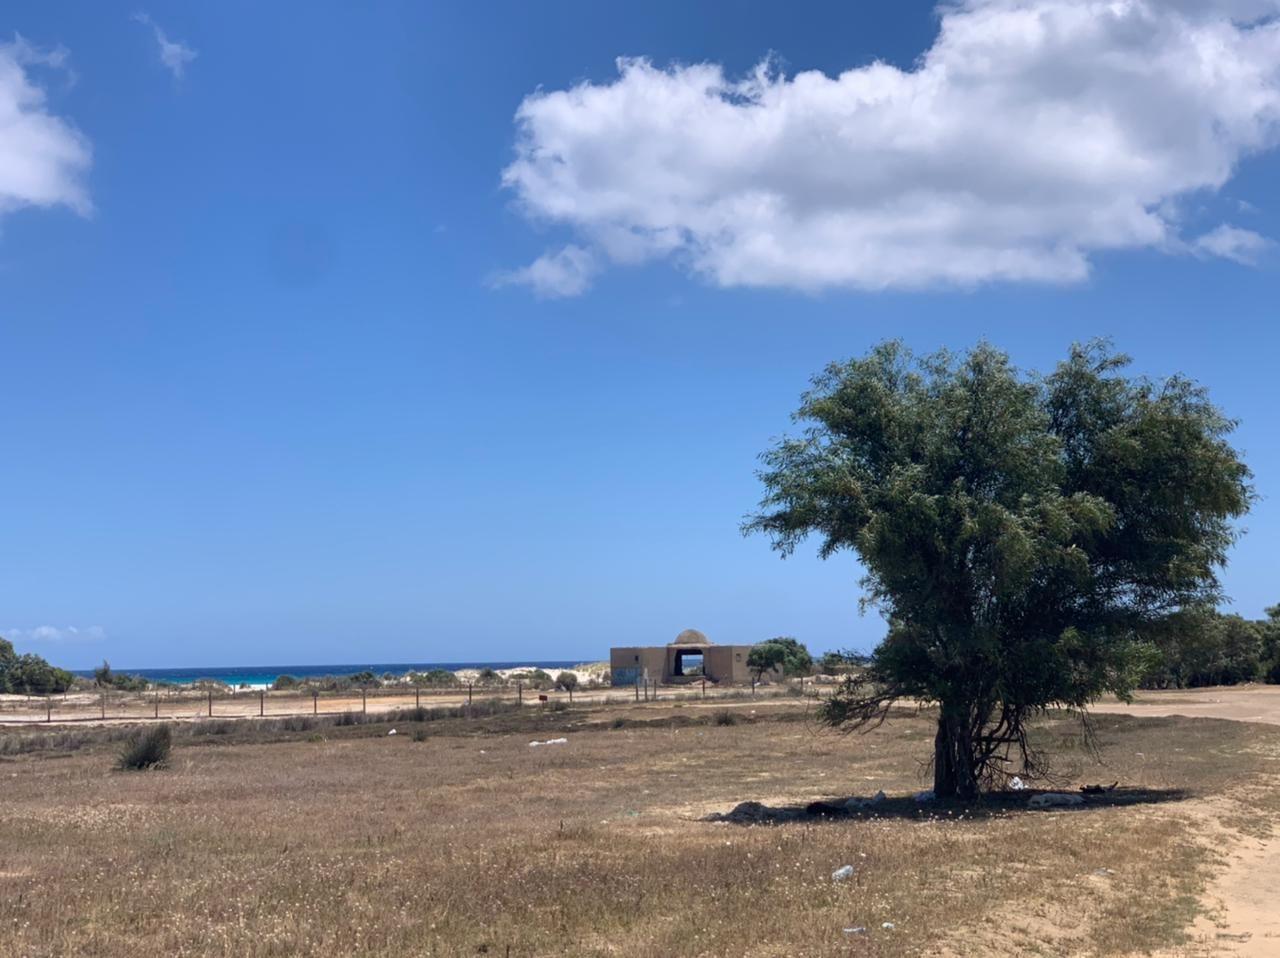 Terrain 500 kelibia mansoura